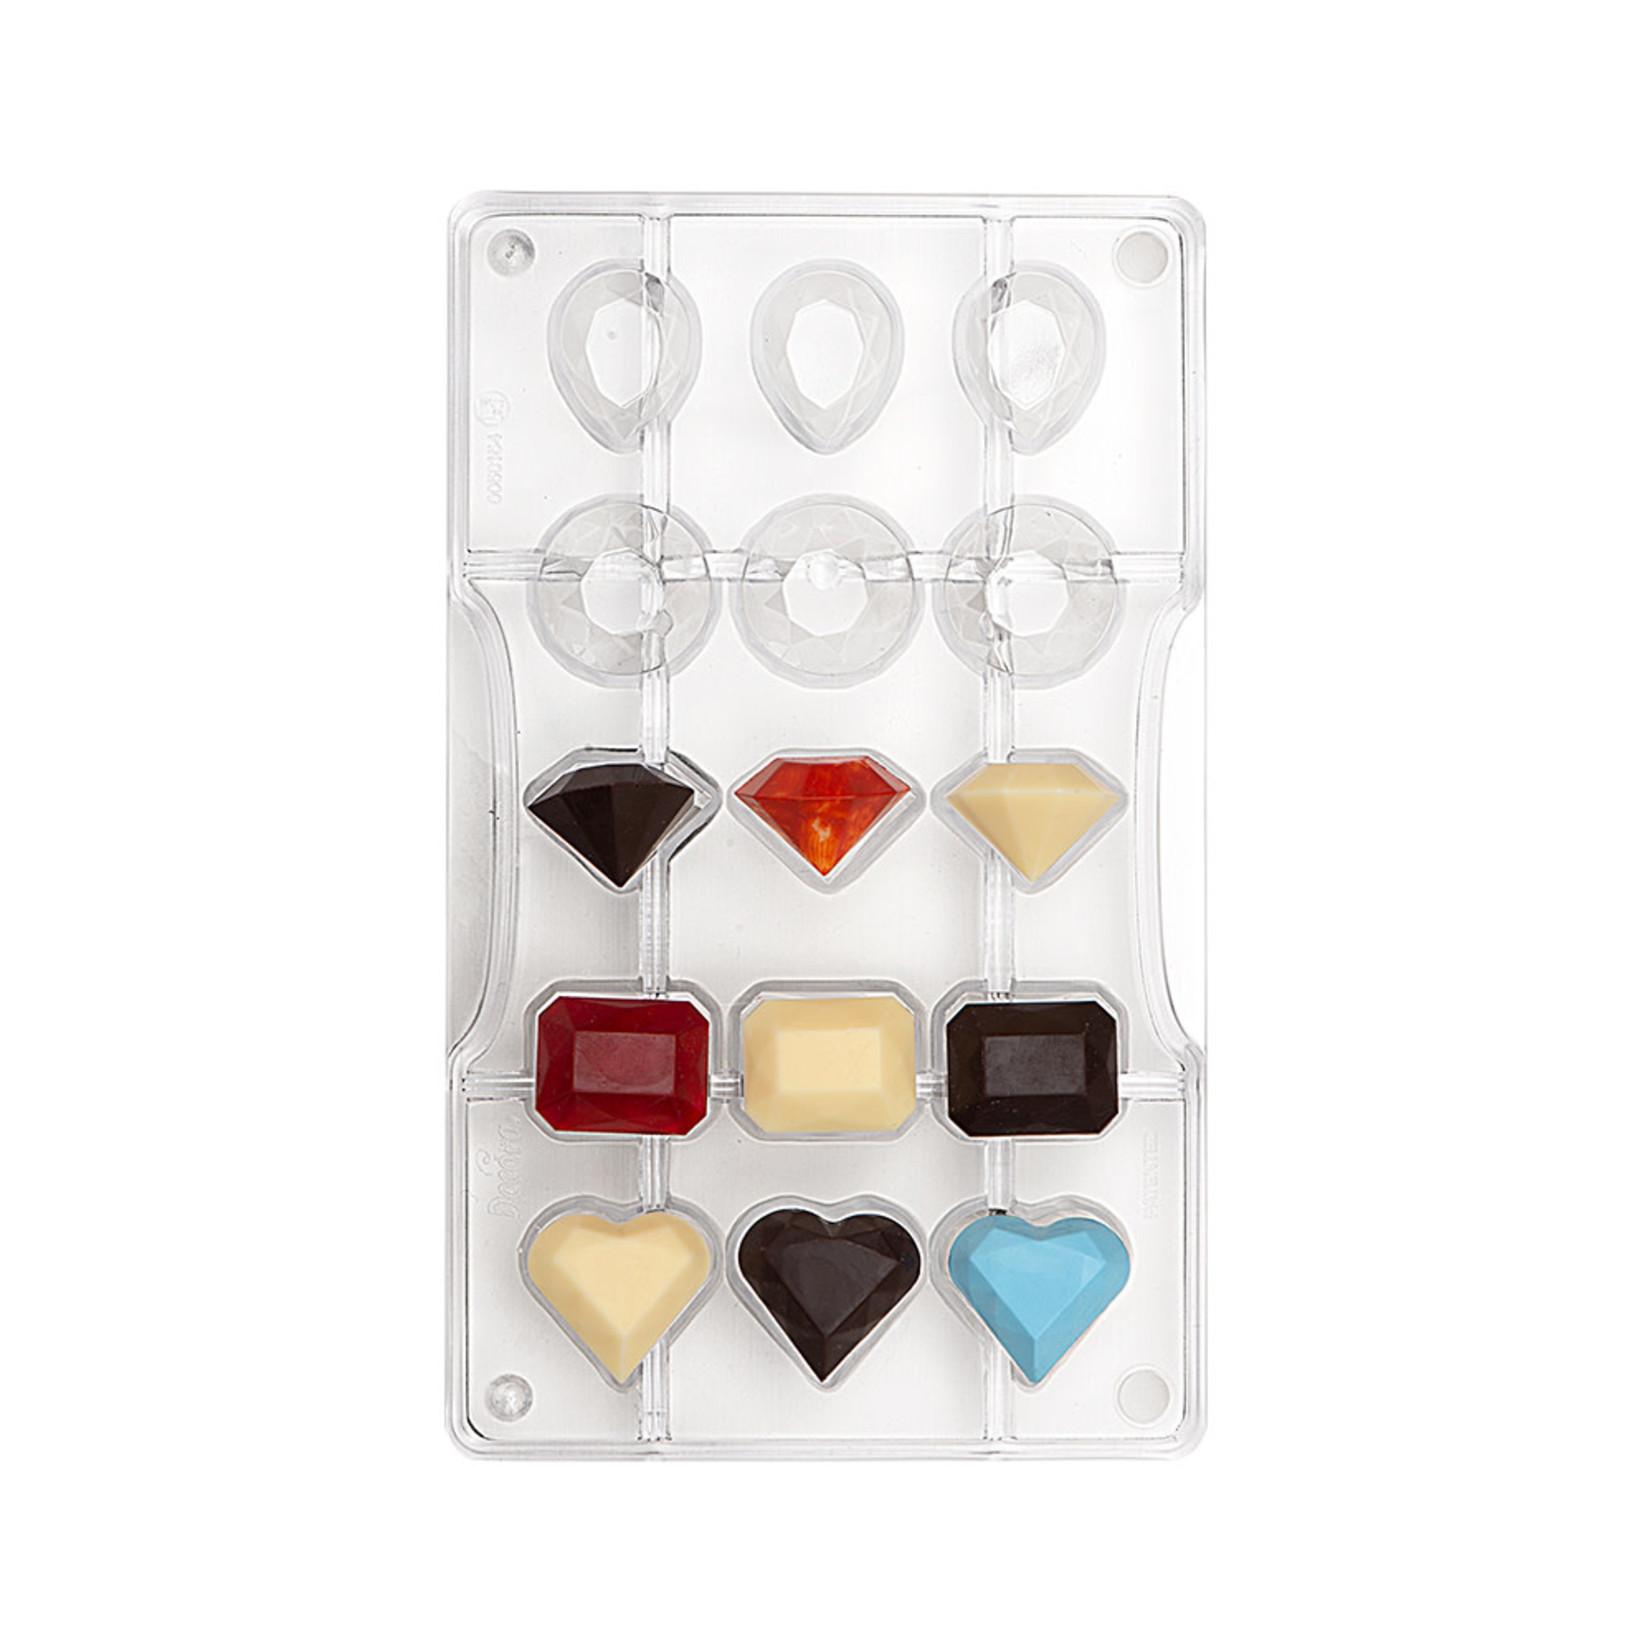 Decora Chocoladevorm polycarbonaat edelstenen